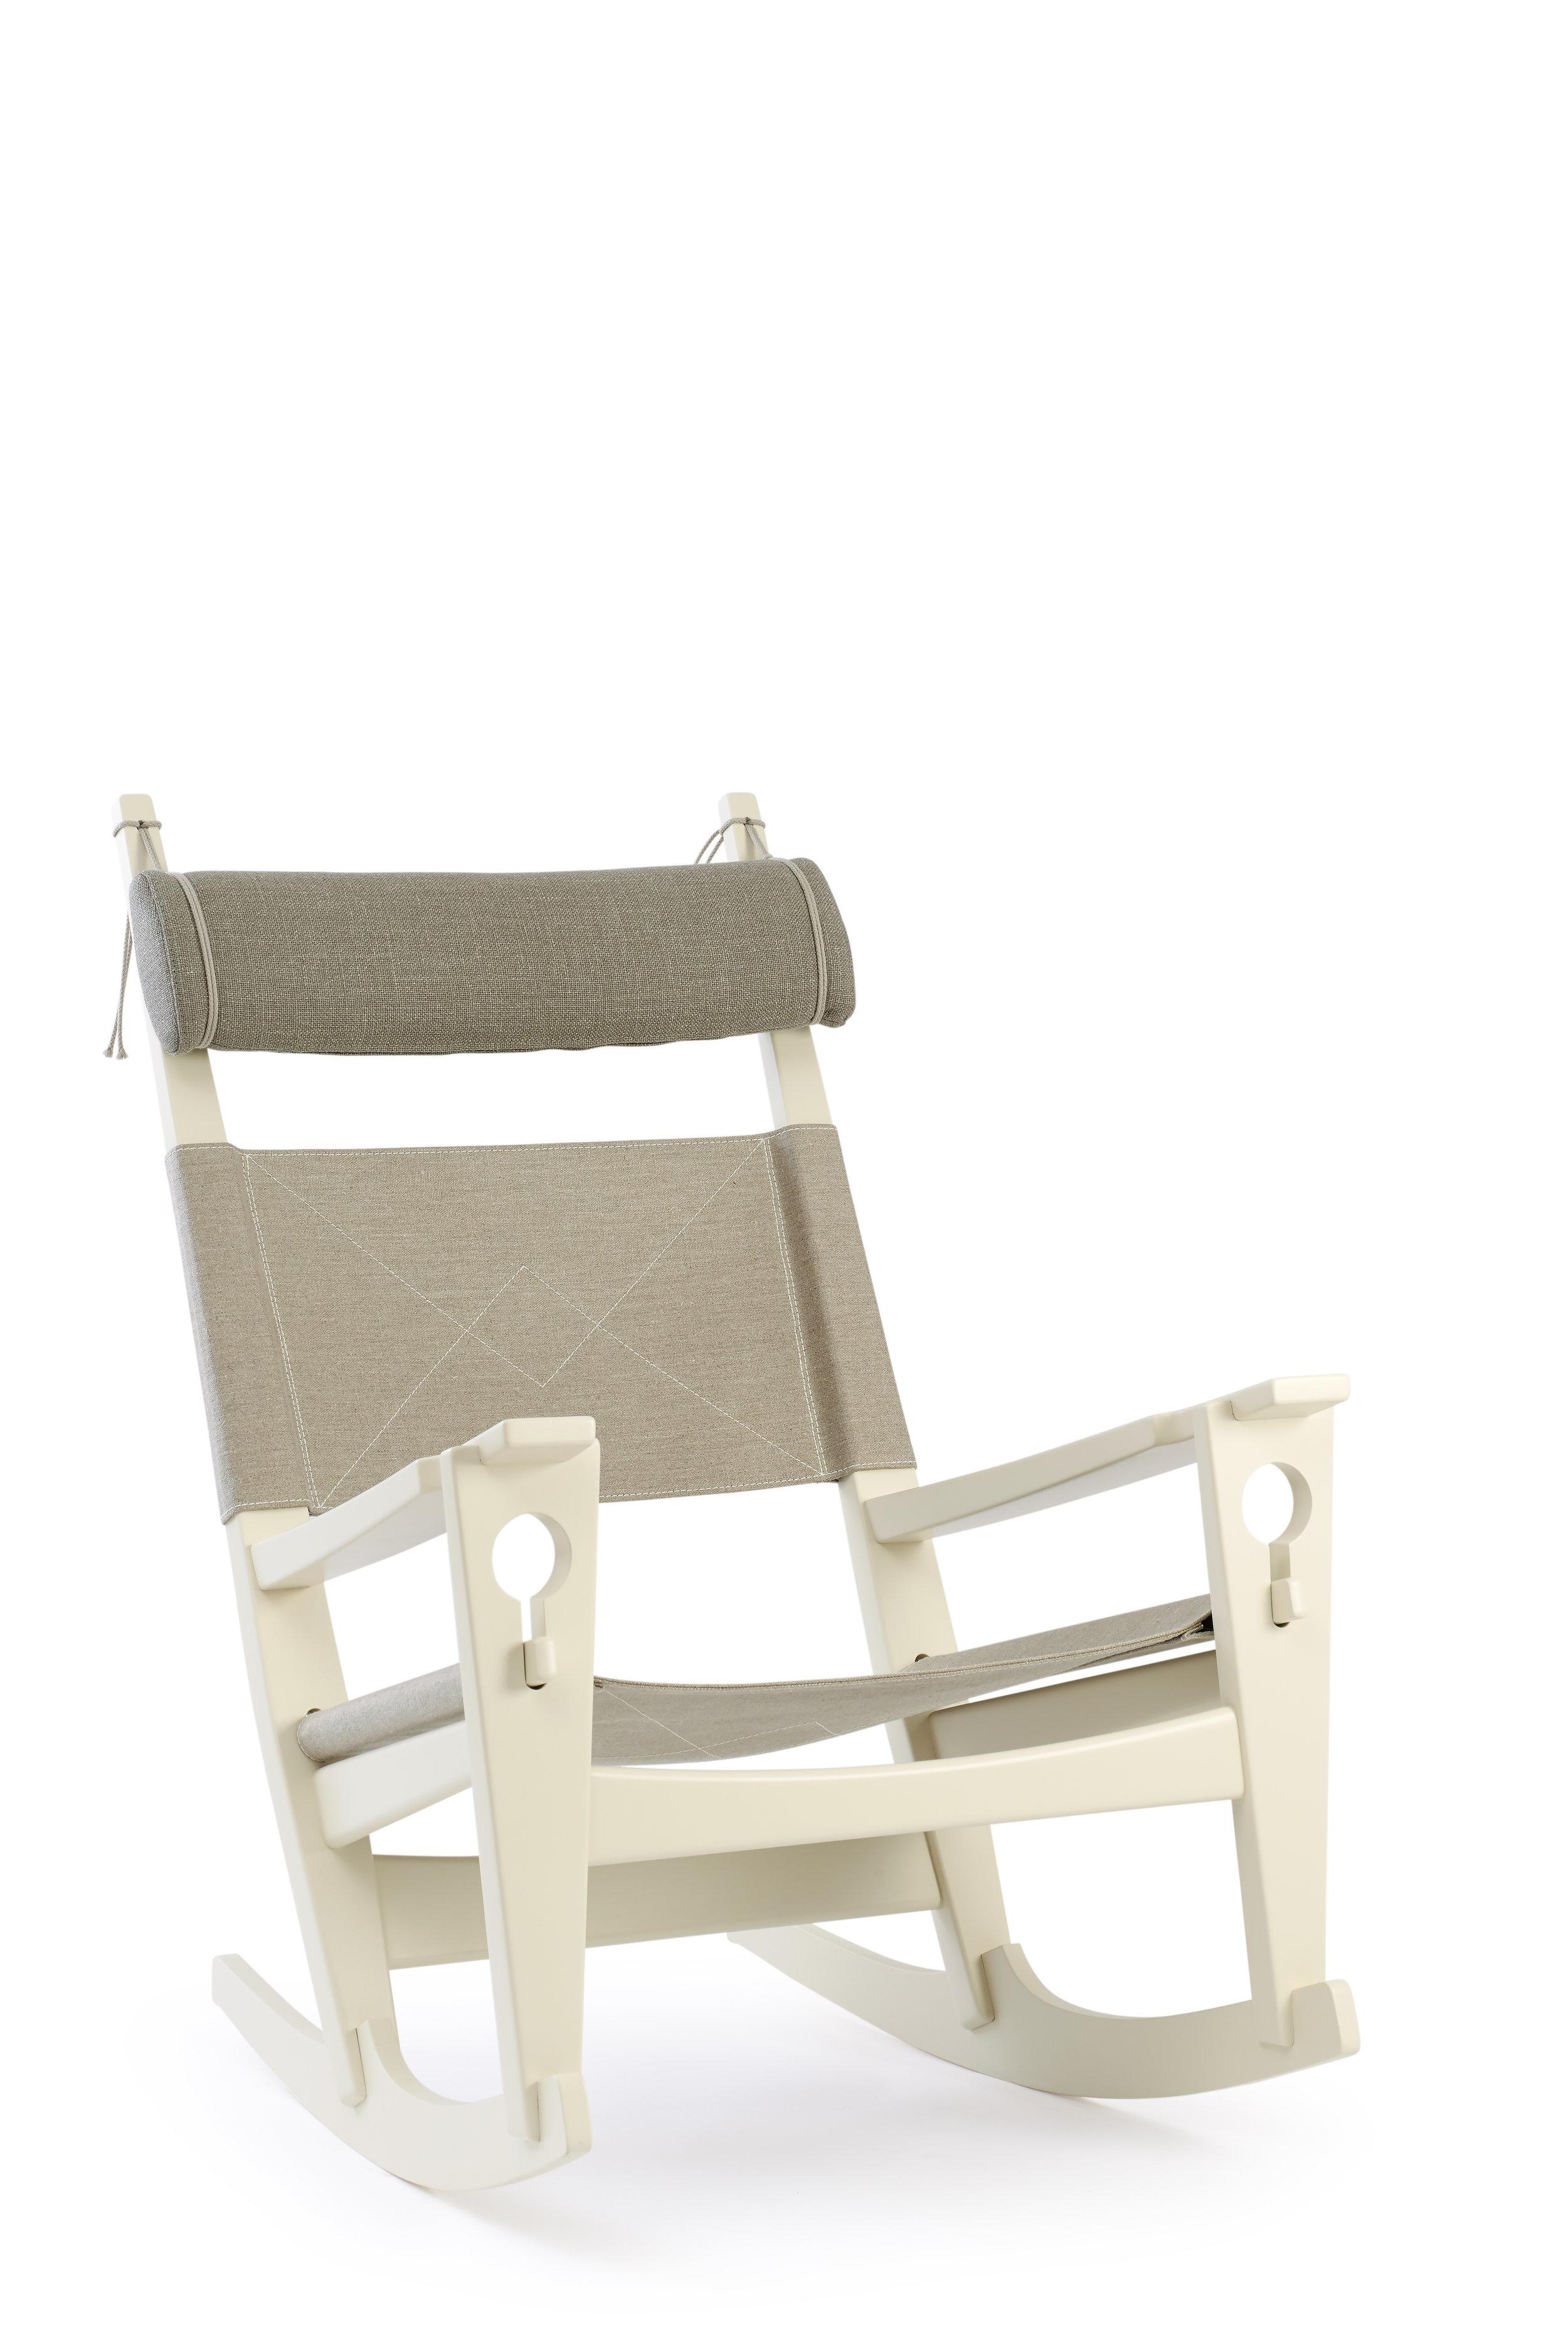 GE_673_GE673_Rocking_Chair_Hans_Wegner_Getama_Gestalt_NewYork_7.jpg